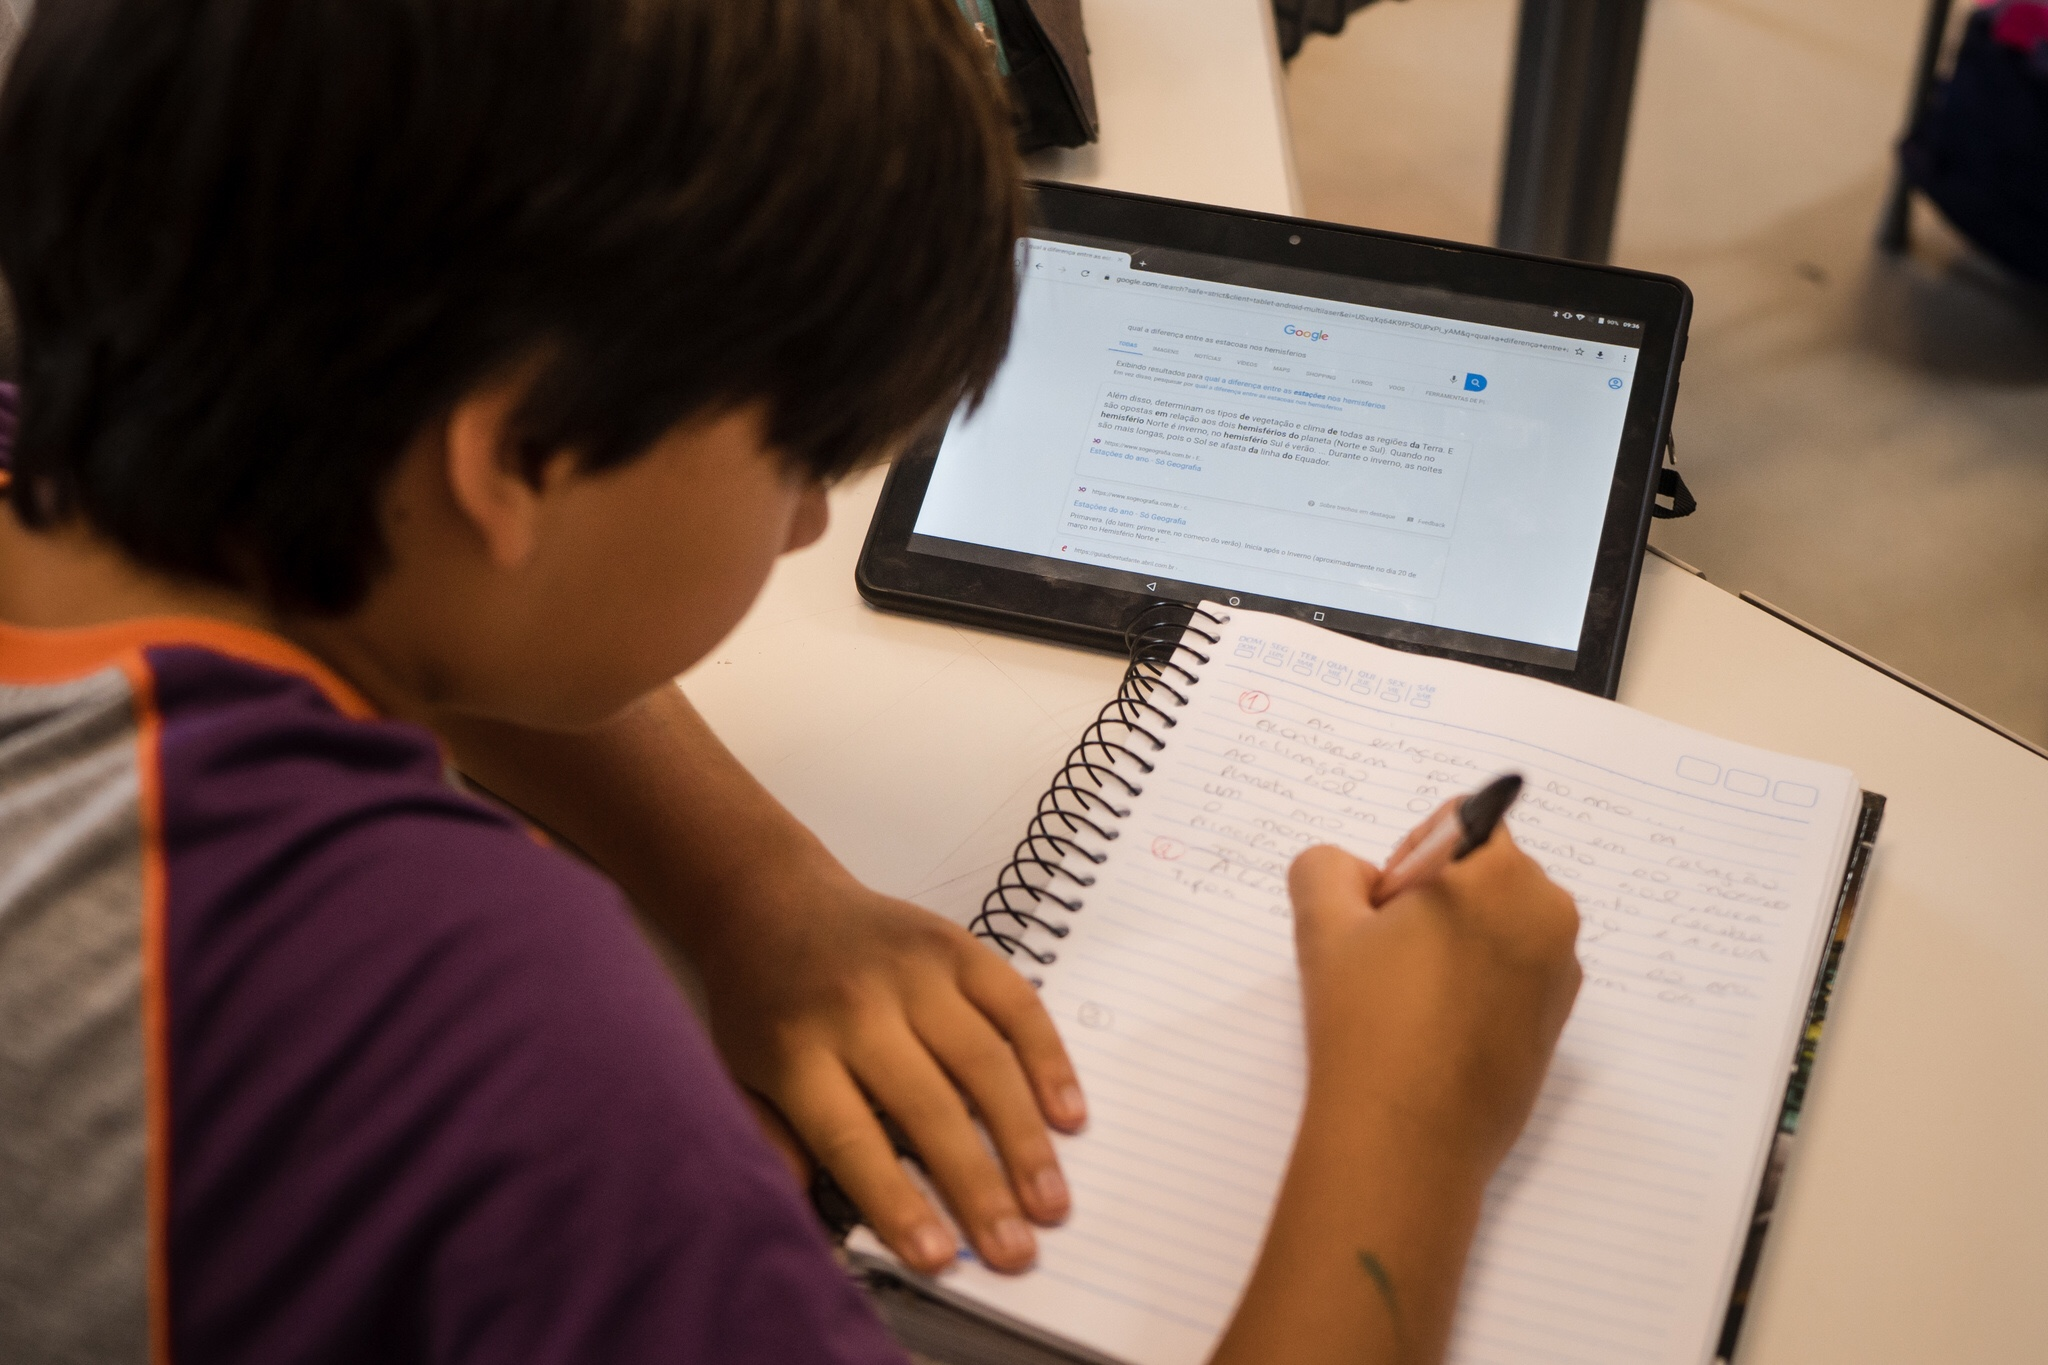 Descubra as vantagens em investir no segmento de educação no webinar promovido pela Luminova